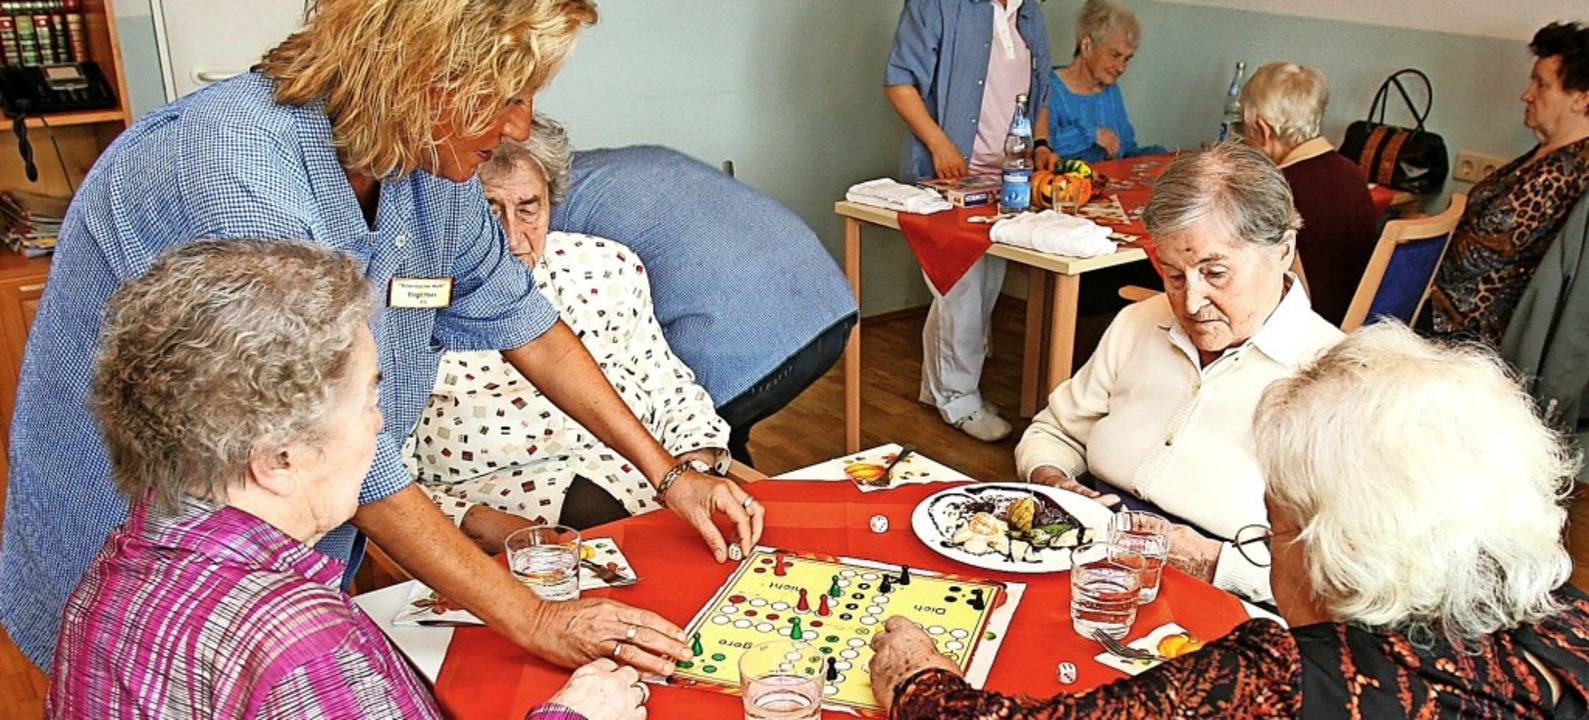 In der neuen Ortsmitte in Wieslet könn...ne Tagespflege für Senioren entstehen.  | Foto: A2931 Bernd Weißbrod